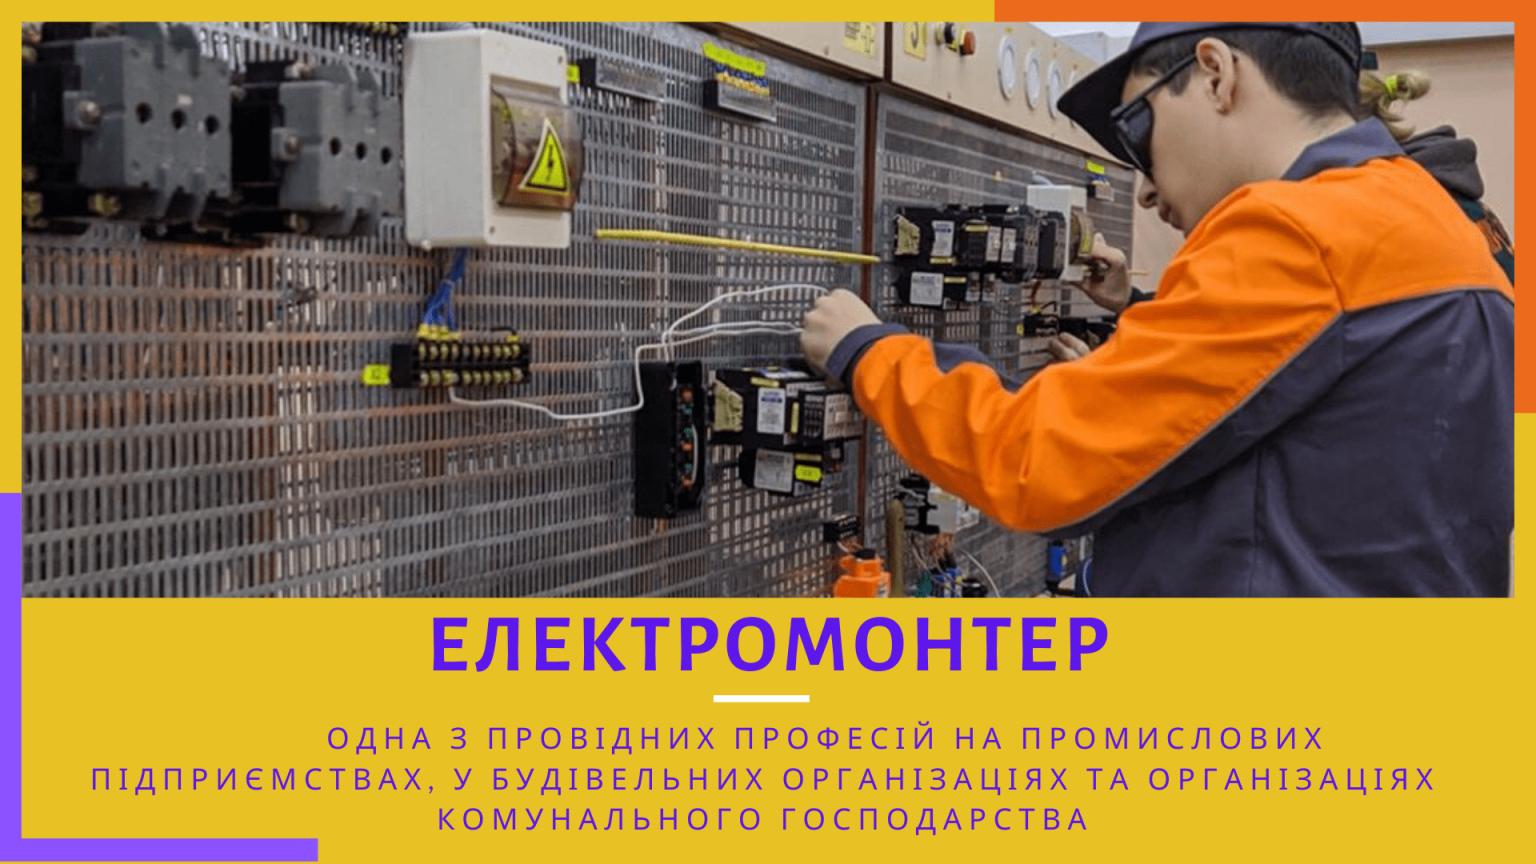 Електромонтер Профосвіта Полтавщини